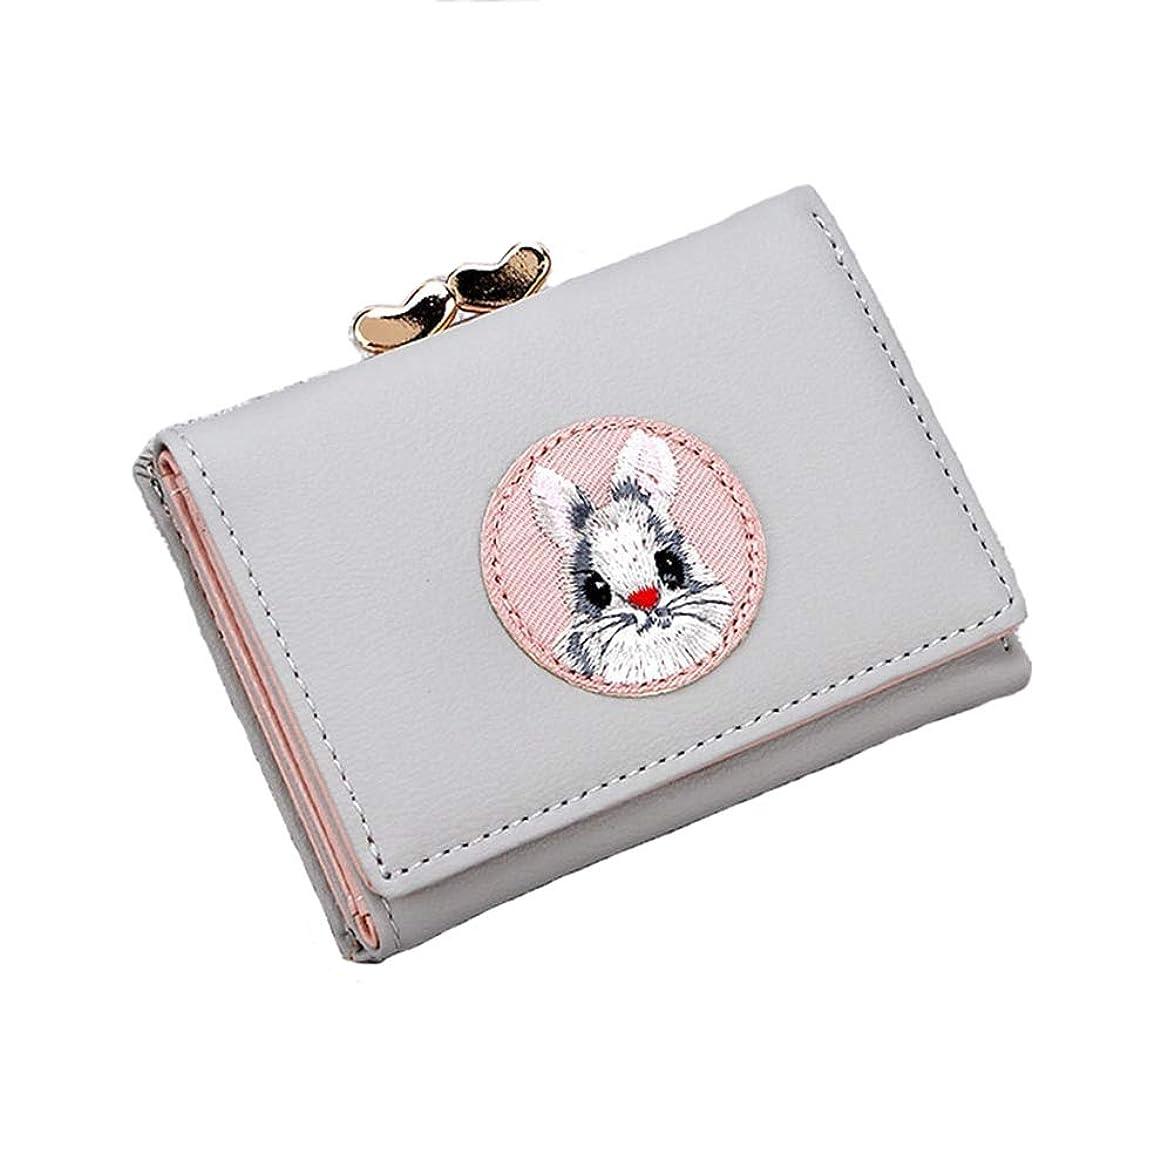 バンジージャンプ文明化するつかまえる[HR株式会社] ミニ財布 レディース 三つ折り 小さい うさぎ かわいい コンパクト カード収納 ギフト 女性用 金運 学生